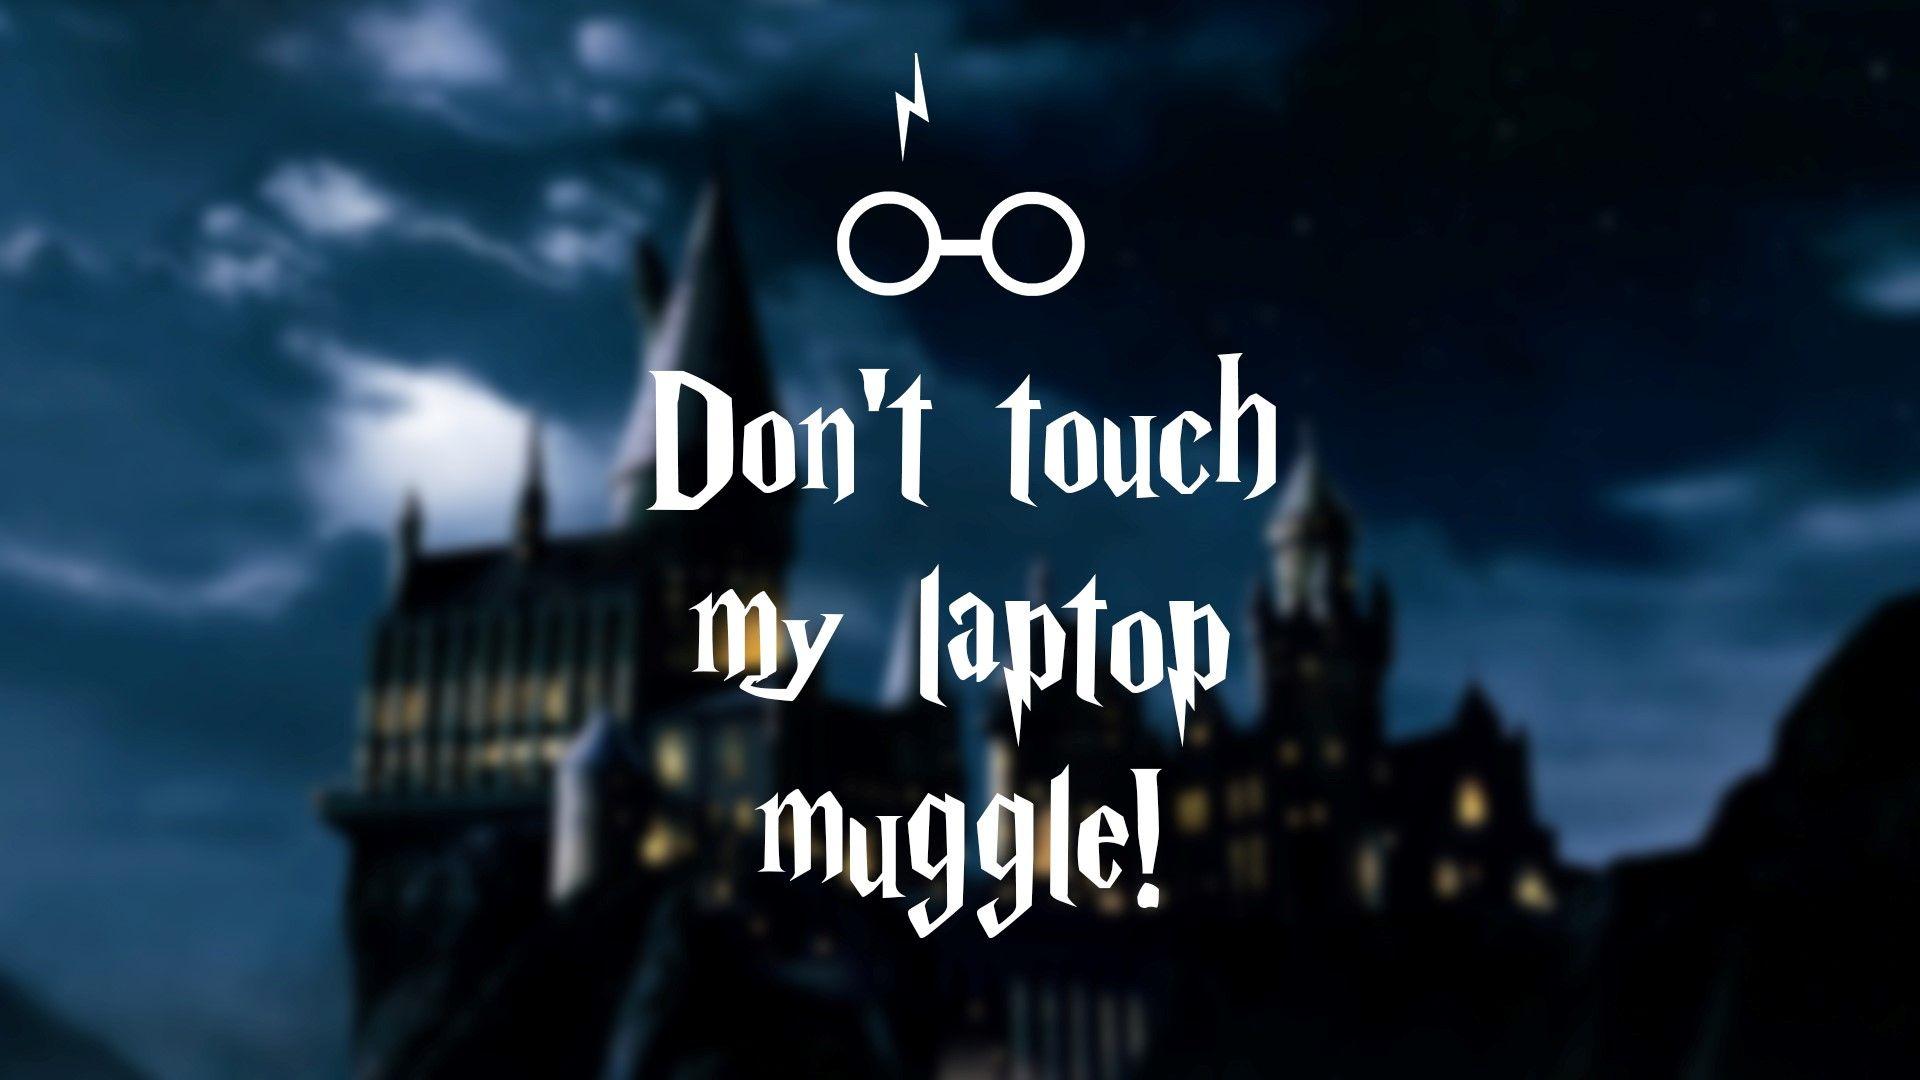 Harry Potter Wallpapers 50 Best Part 2 In 2020 Harry Potter Wallpaper Harry Potter Wallpaper Backgrounds Laptop Wallpaper